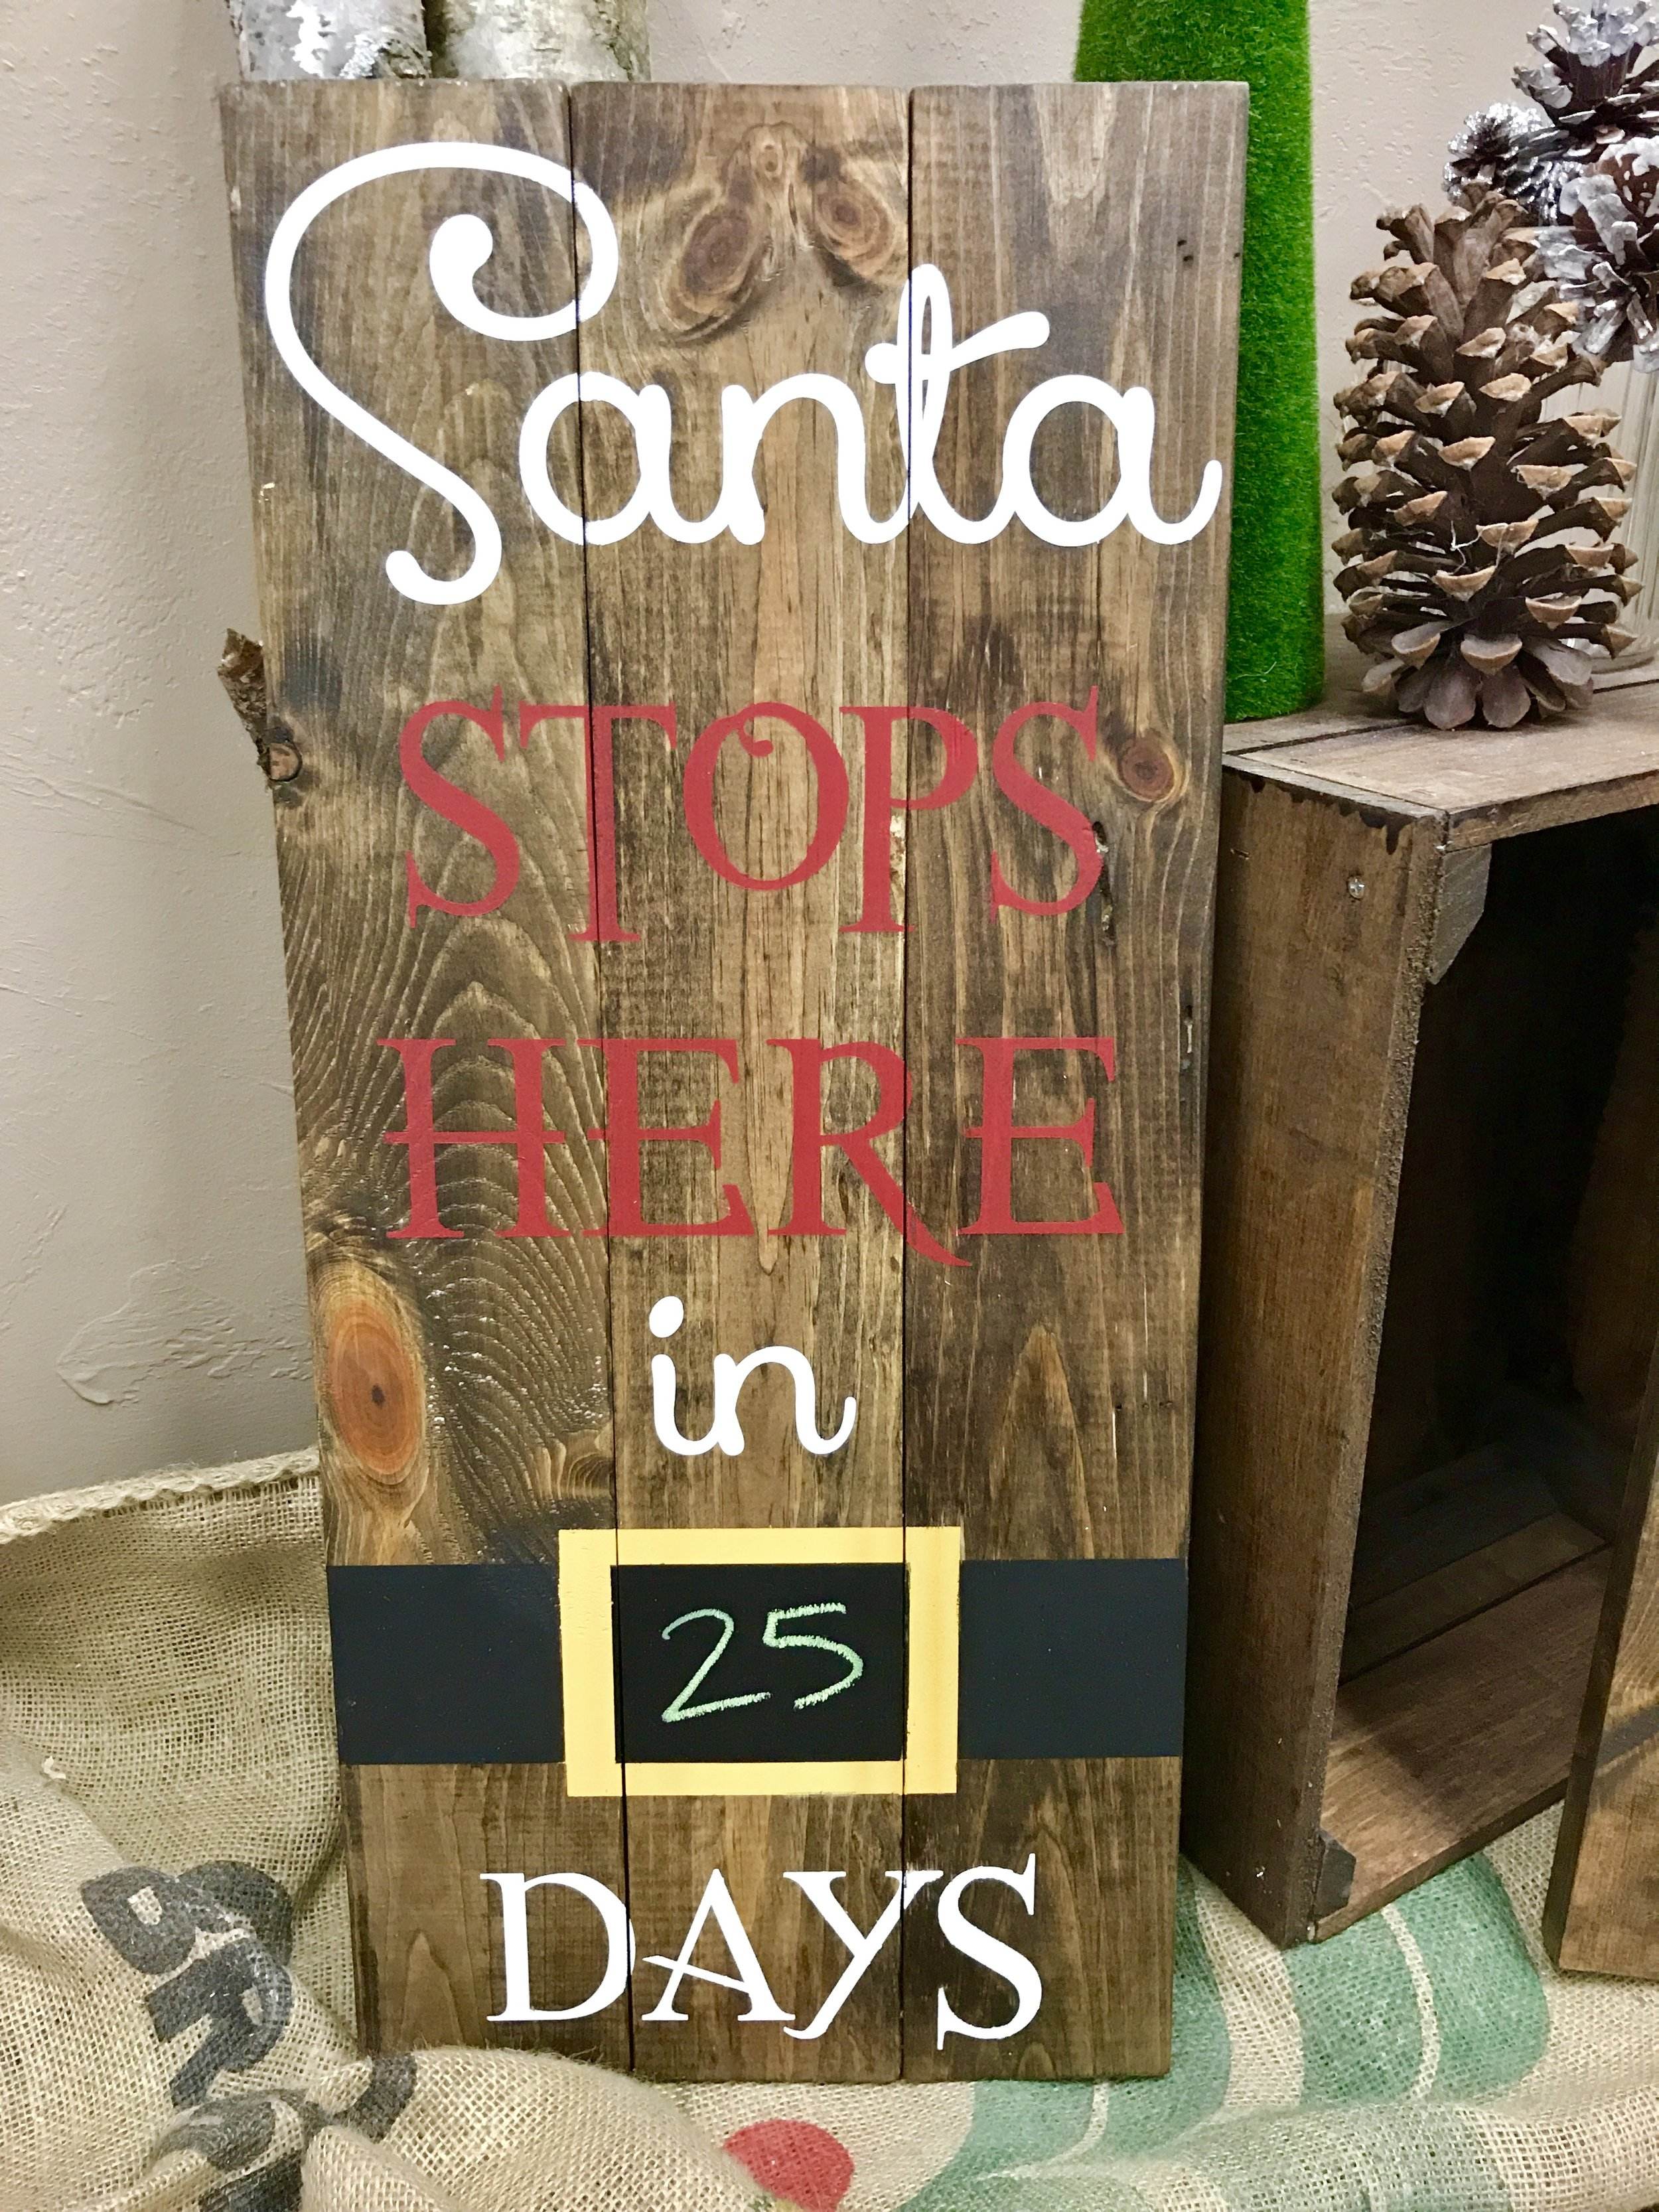 Santa stops HERE (BEGINNER)